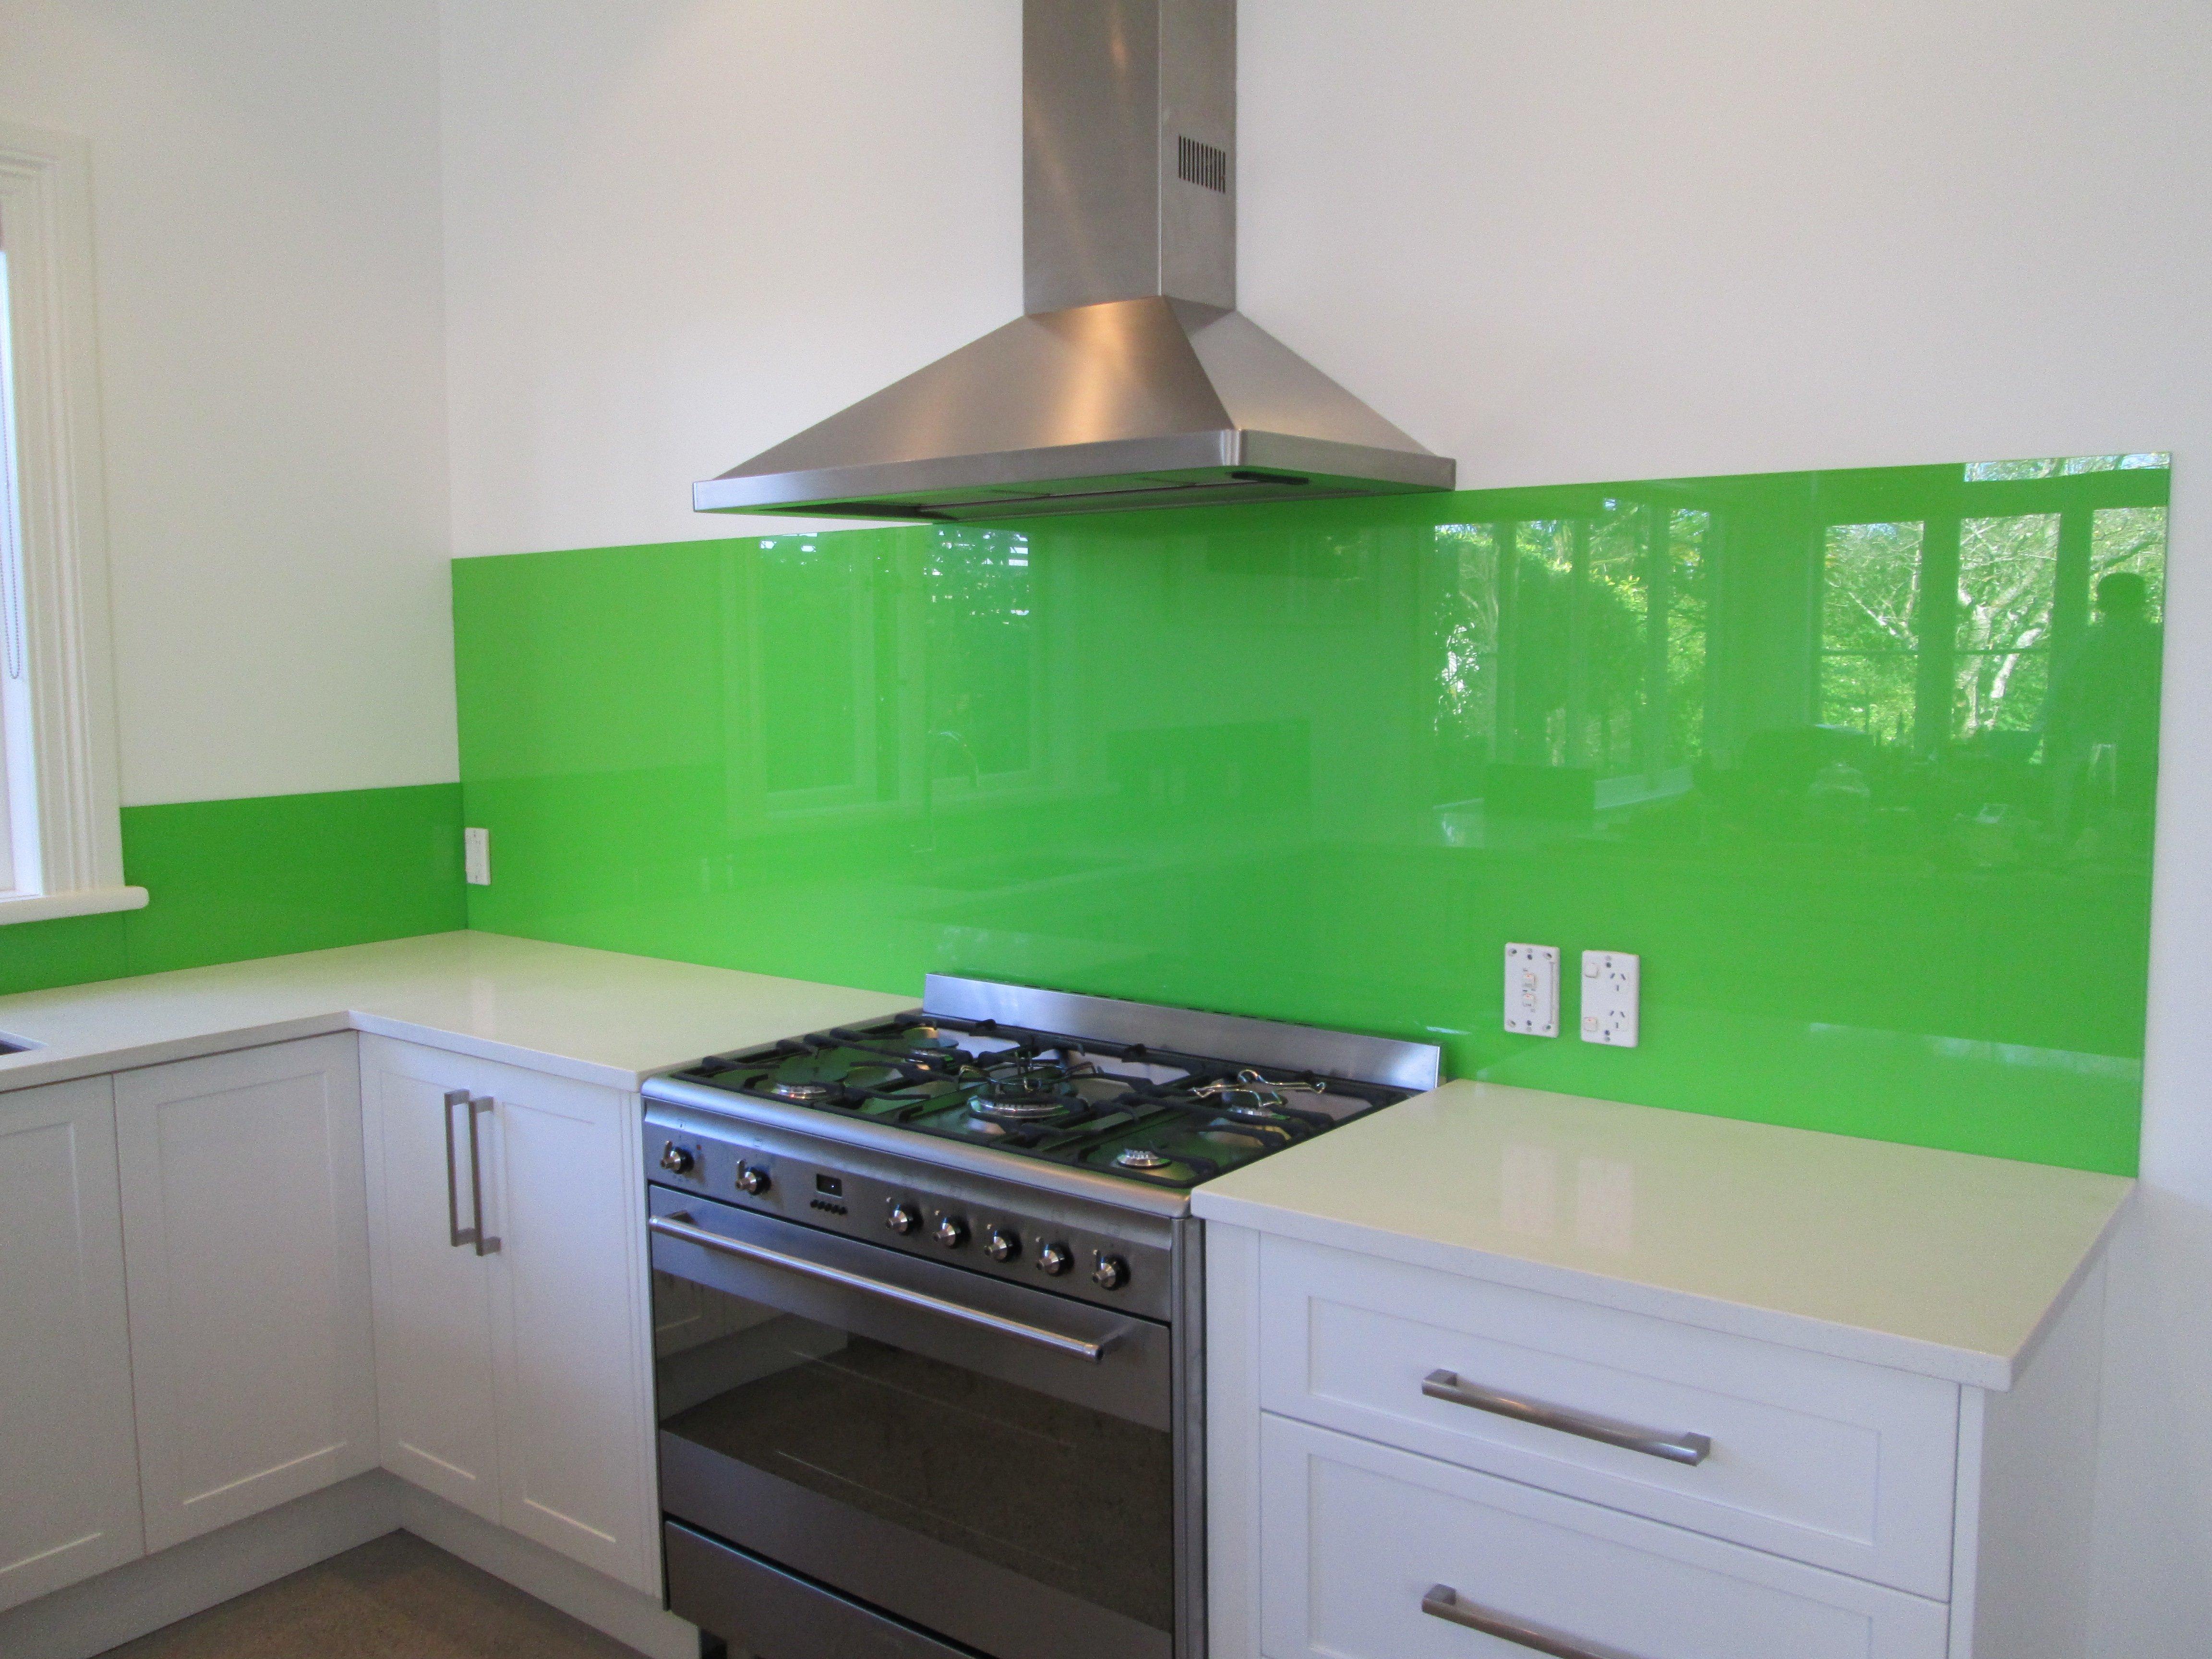 green splashbacks